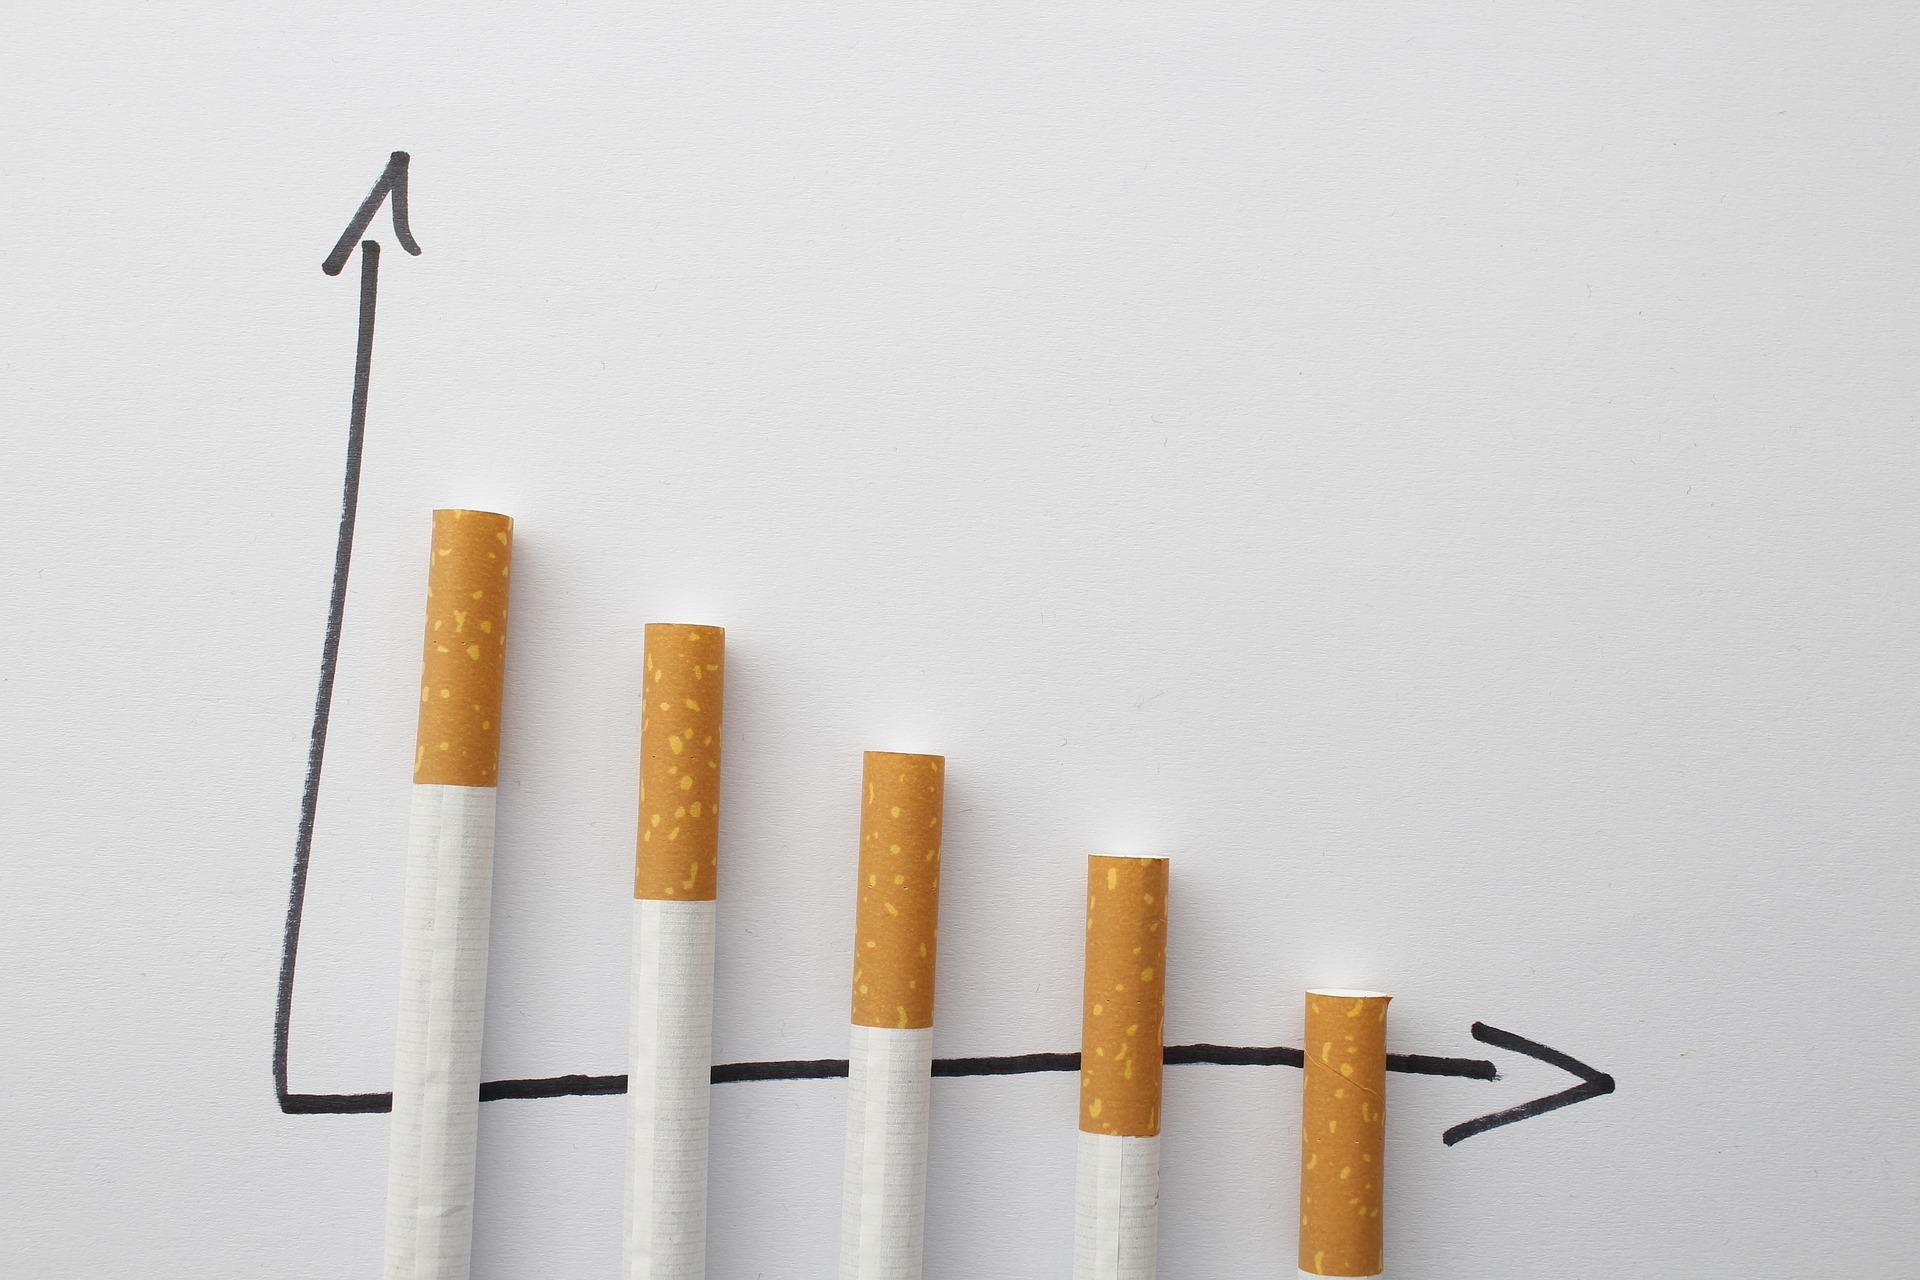 cigarettes-2142848_1920